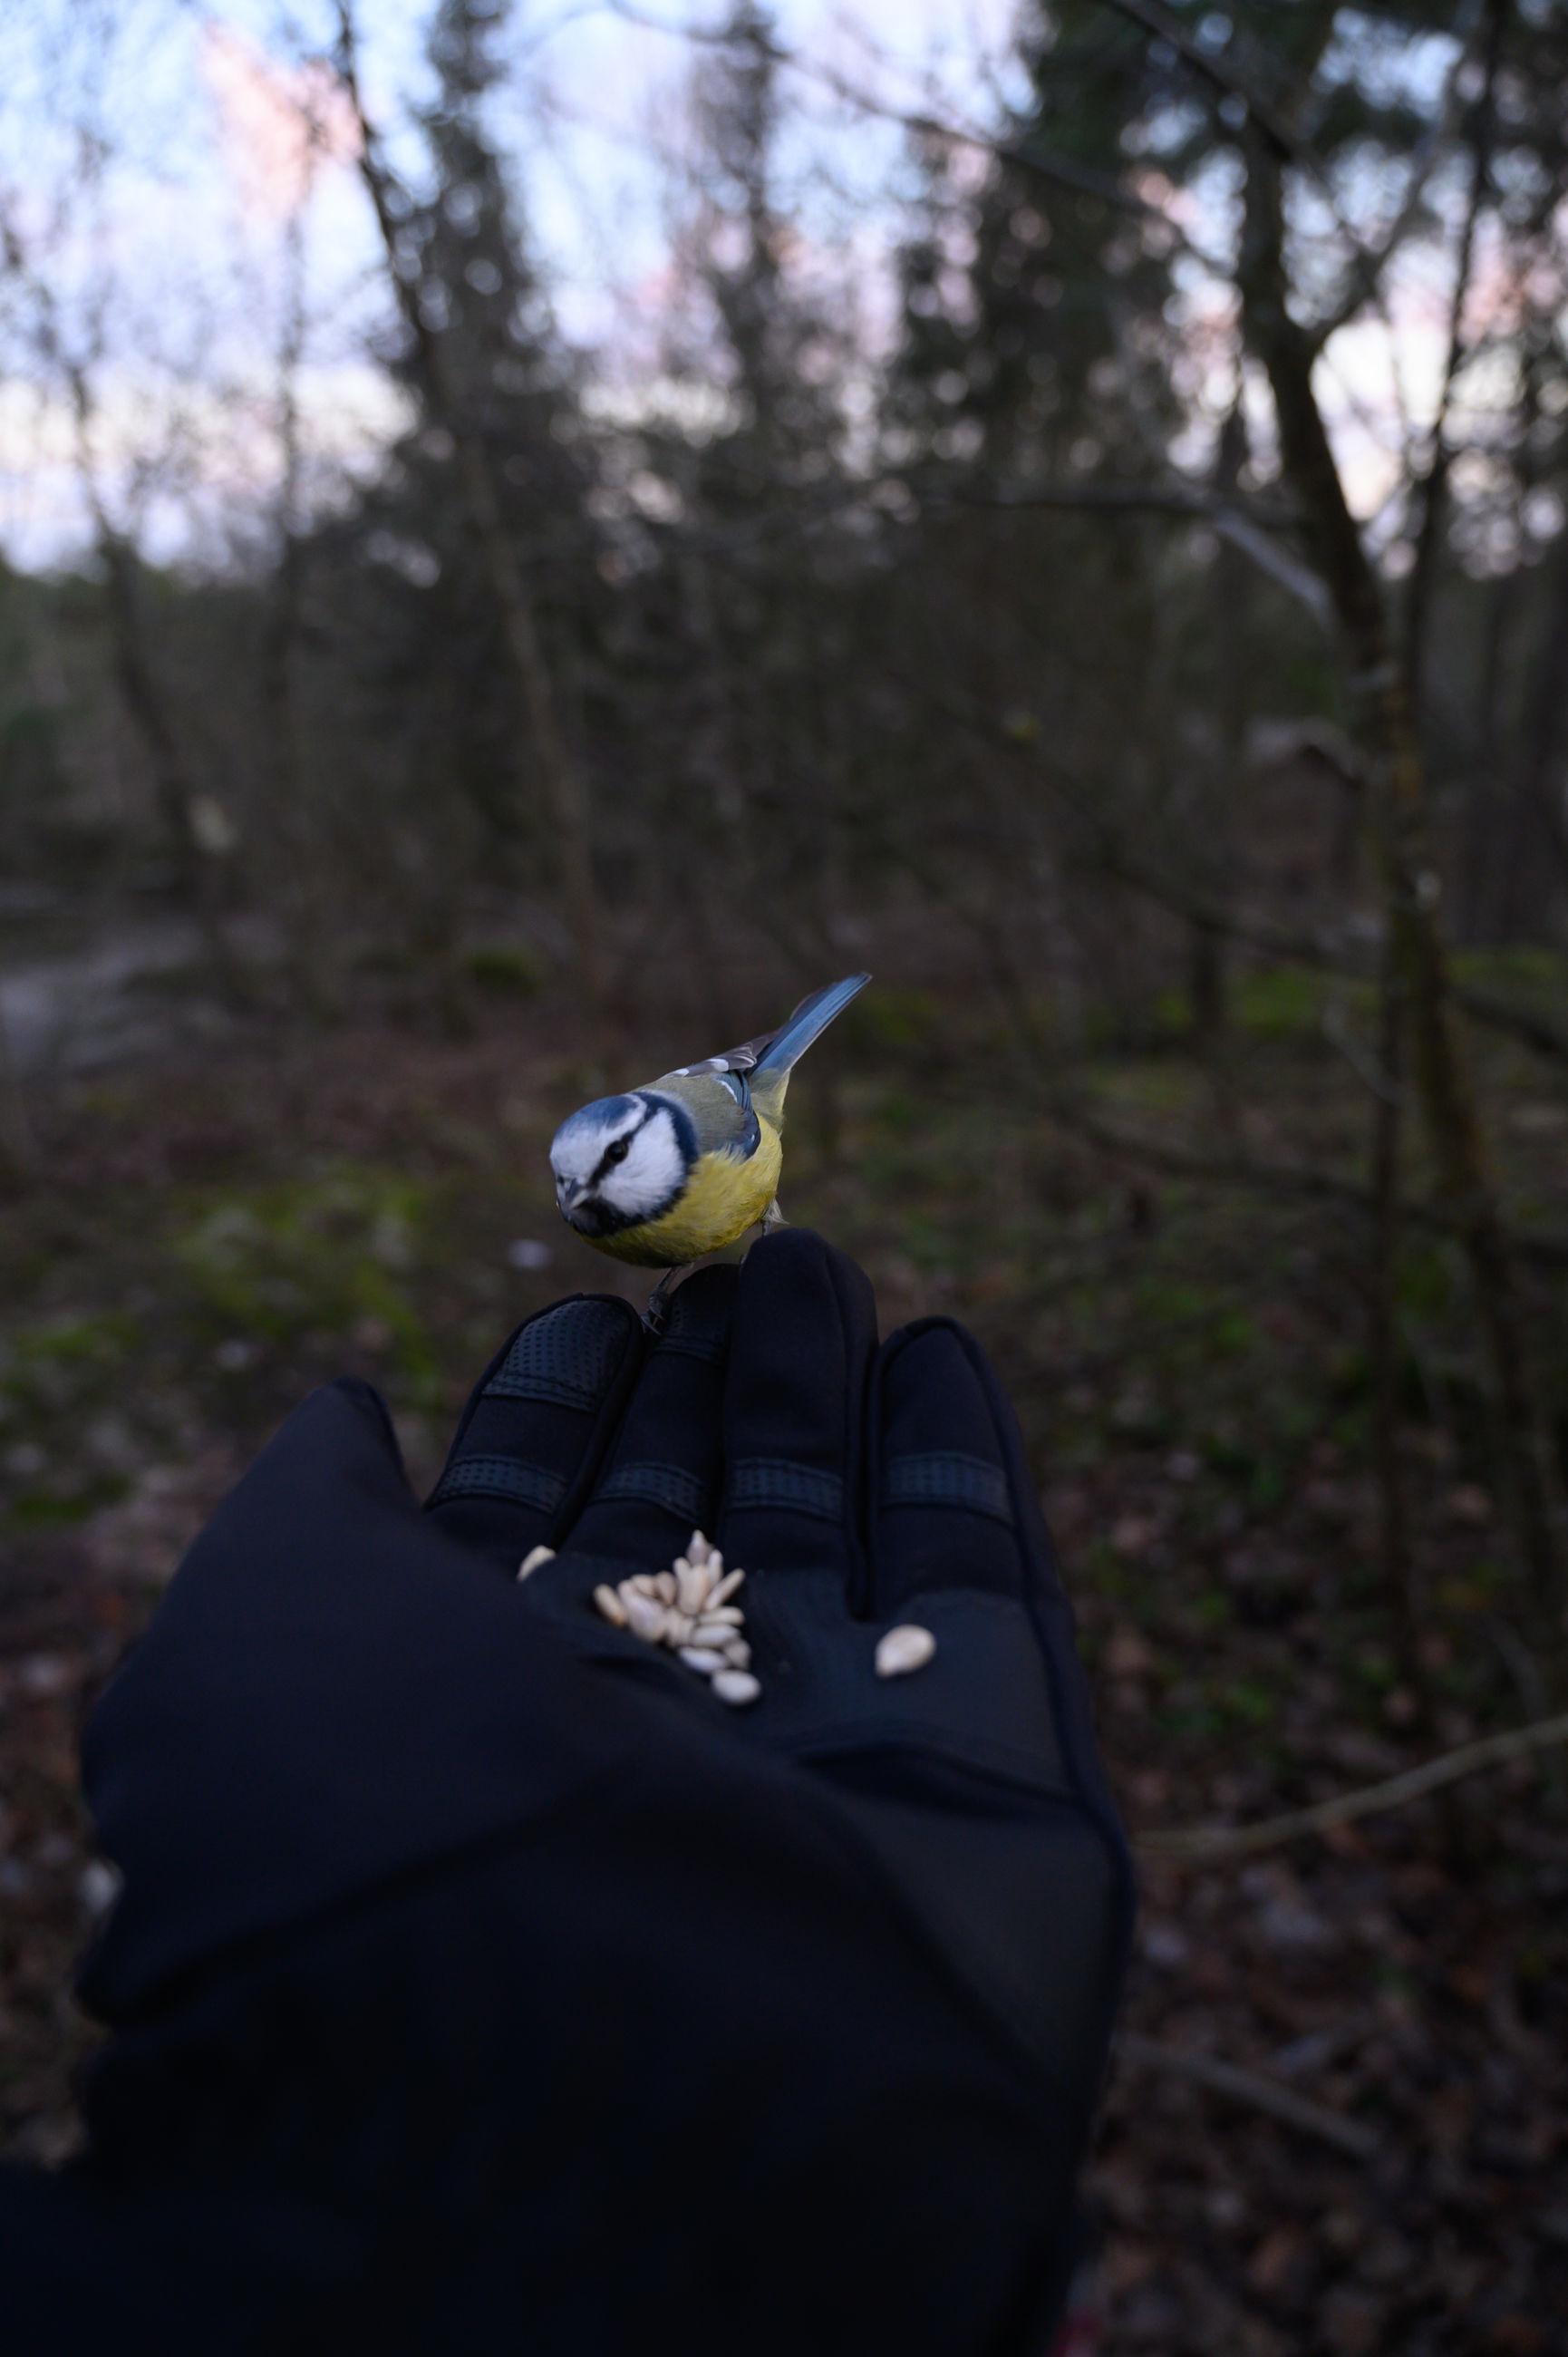 Bird sitting in hand